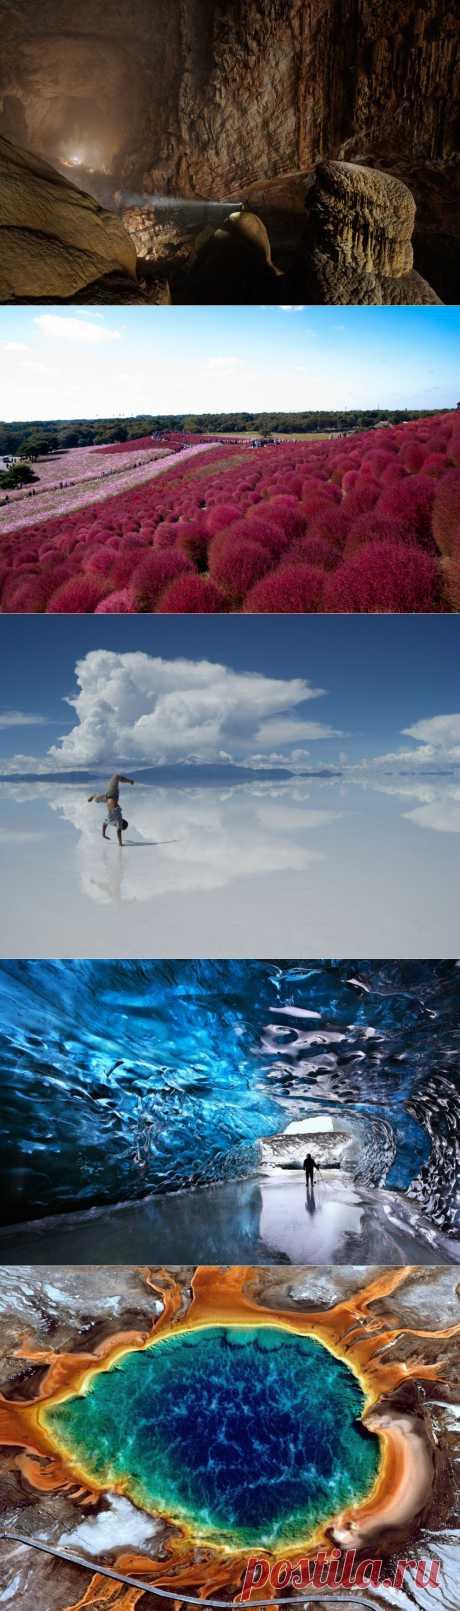 Природный сюрреализм